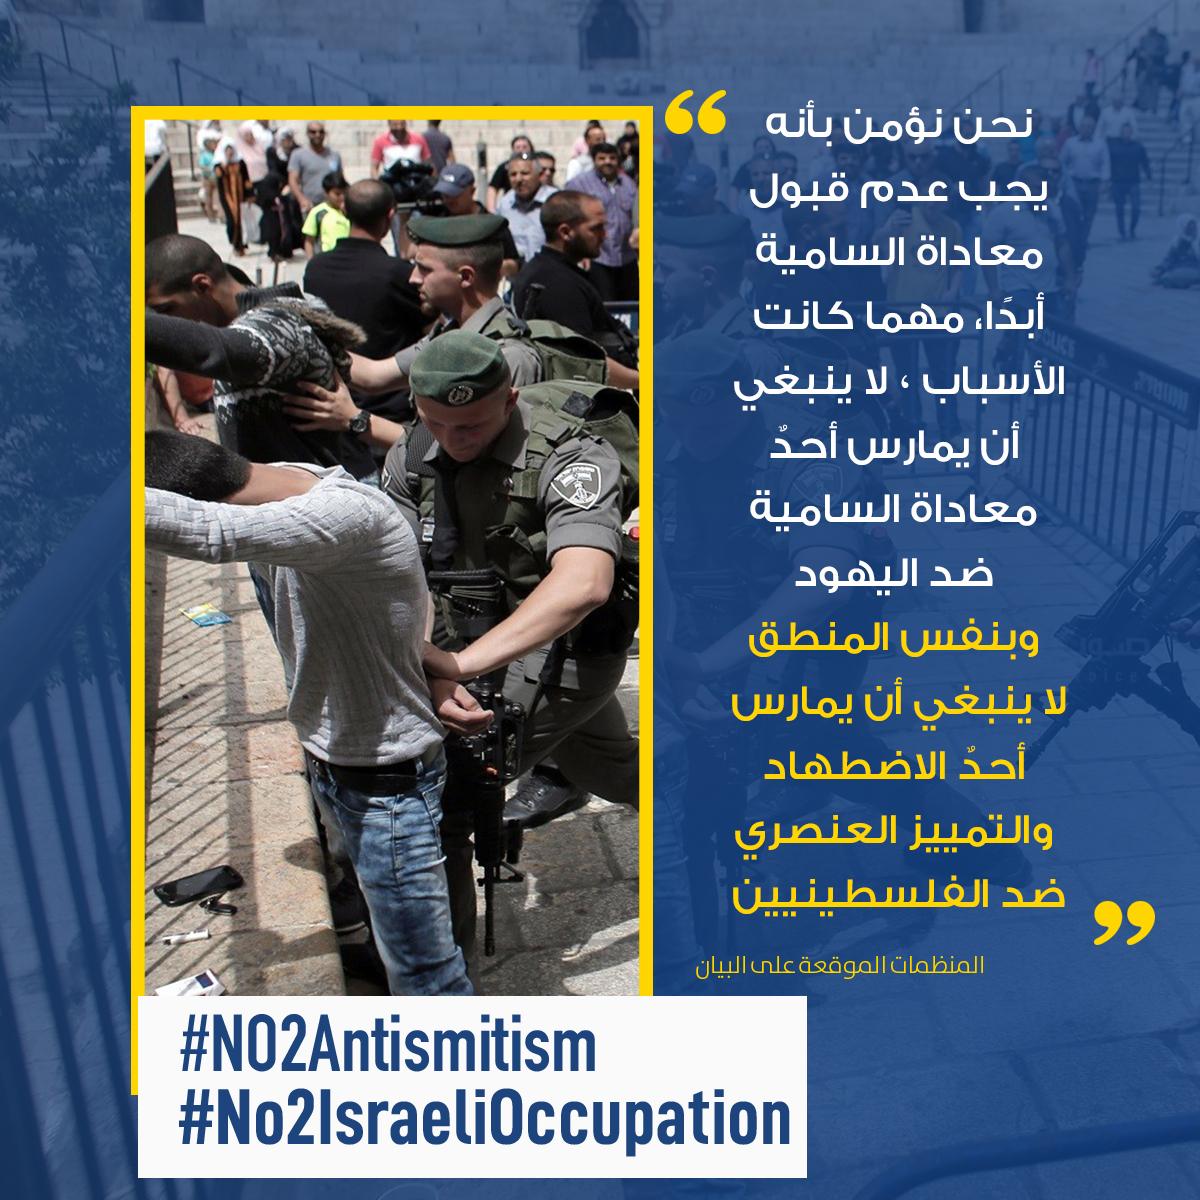 نحو 60 منظمة حقوقية دولية تطلق حملة عالمية لرفض استمرار الاحتلال الإسرائيلي لفلسطين إلى جانب رفض معاداة السامية